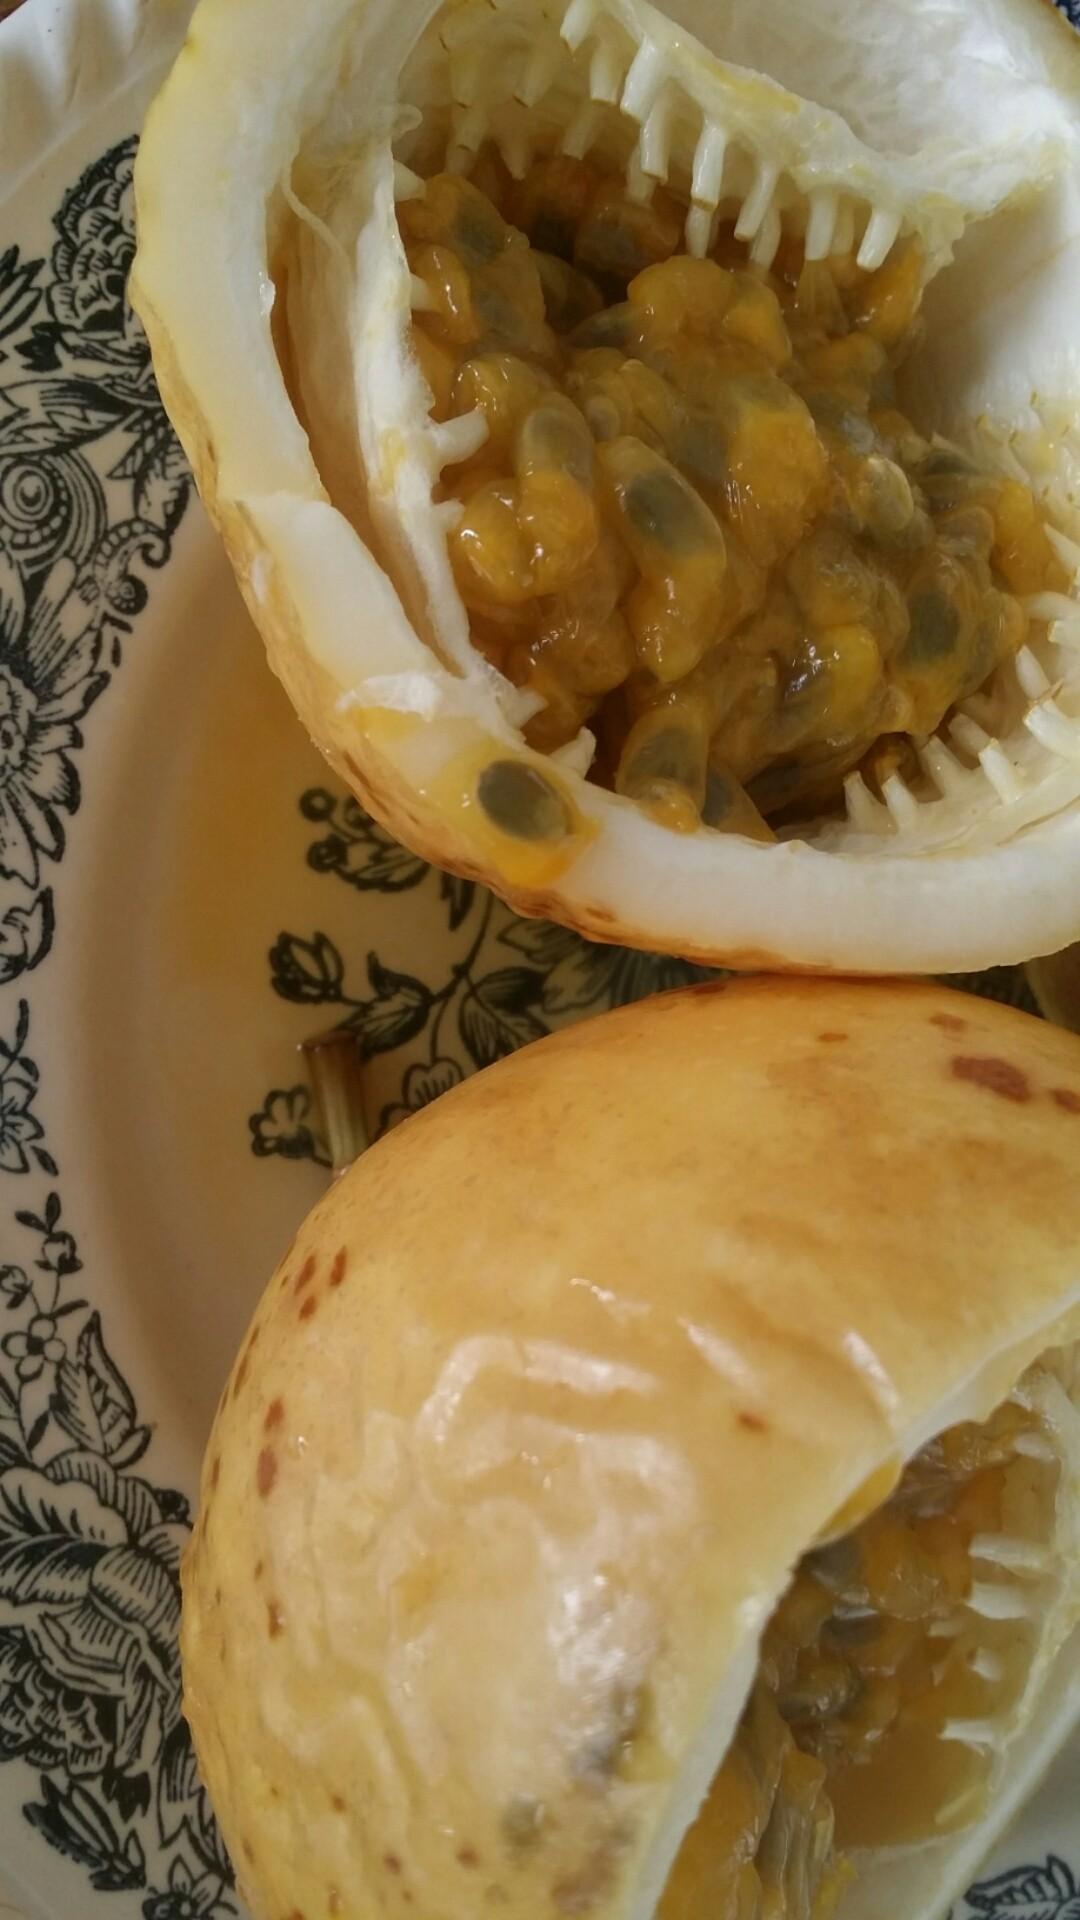 Michael bezong dit heerlijke fruit snoepje volgens mij: ma ma se, ma ma sa, ma Markoesa. Van de centrale markt, 6 grote voor 10 SRD.